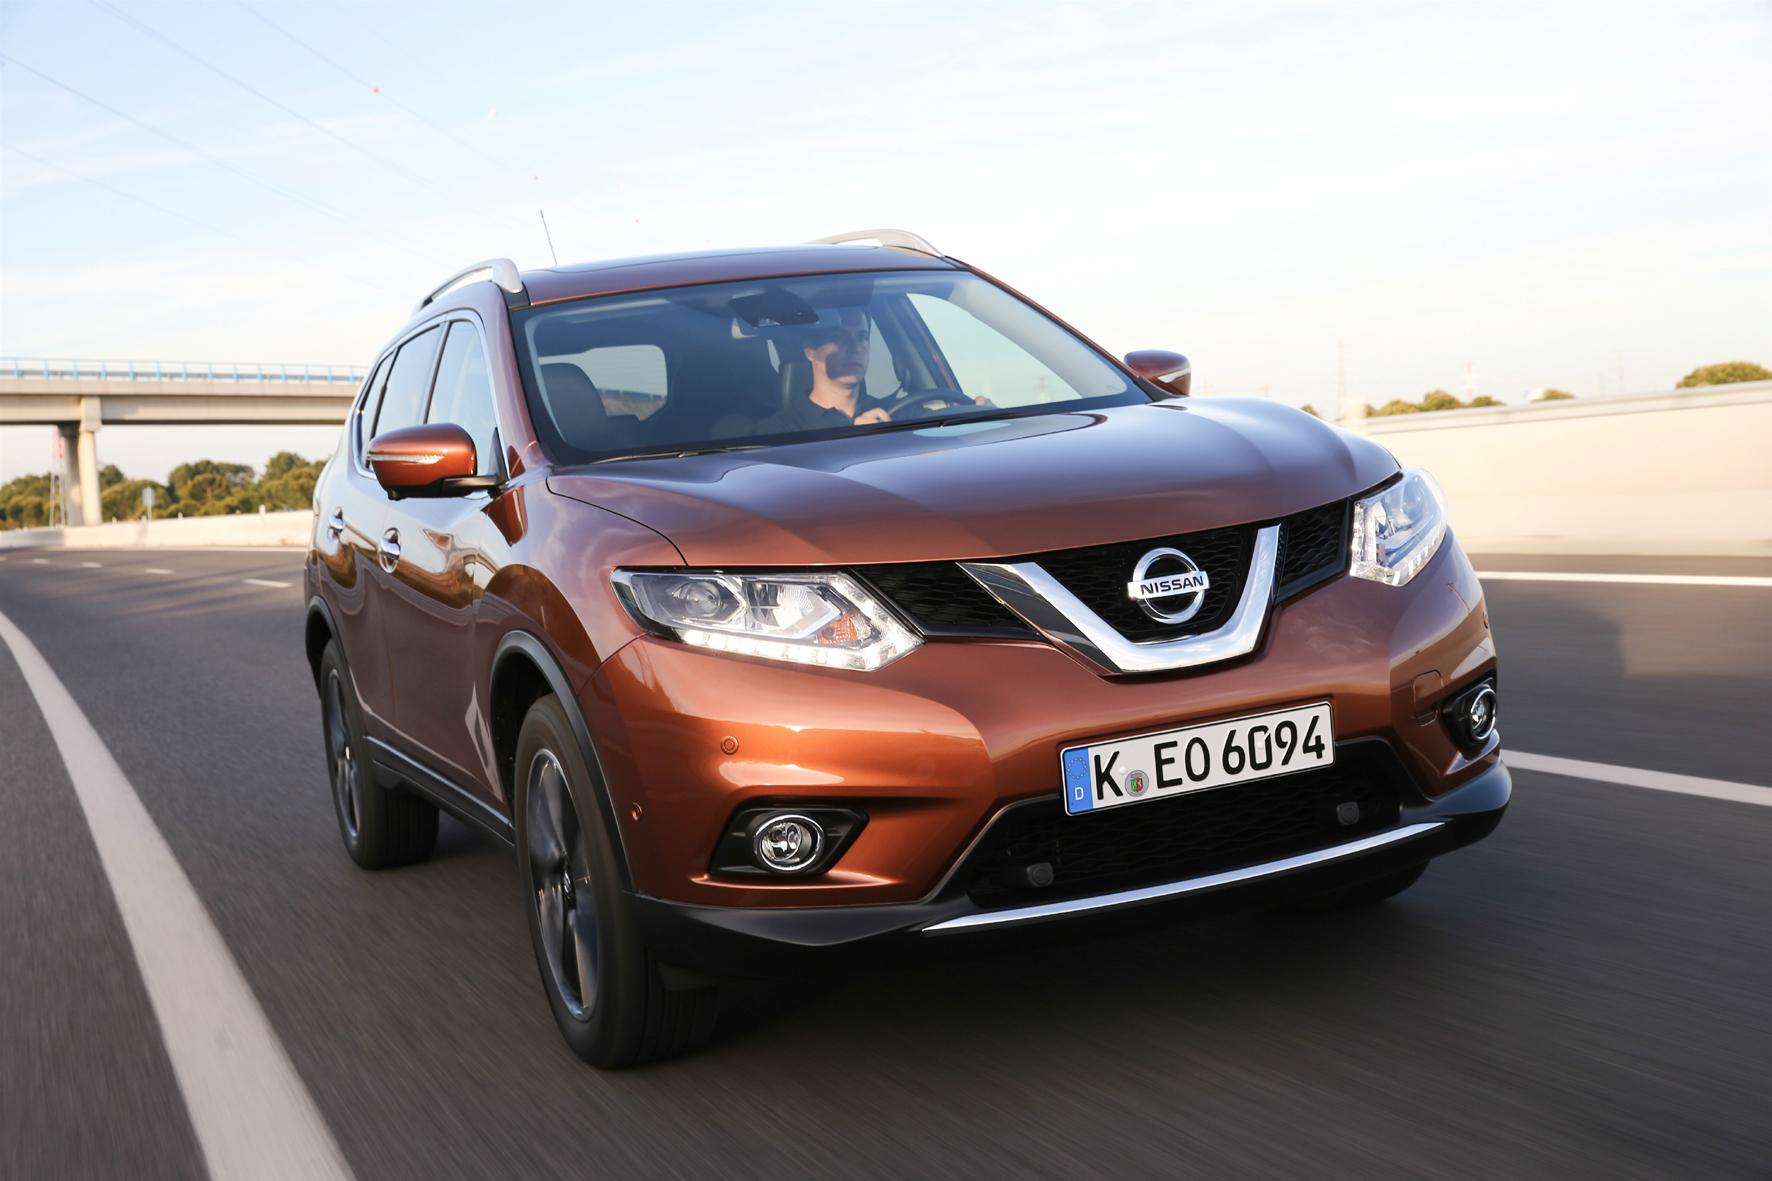 mid Groß-Gerau - SUV mit Turbobenziner: Der Nissan X-Trail DIG-T 1,6 gefällt beim Reisen besser als beim Rasen.